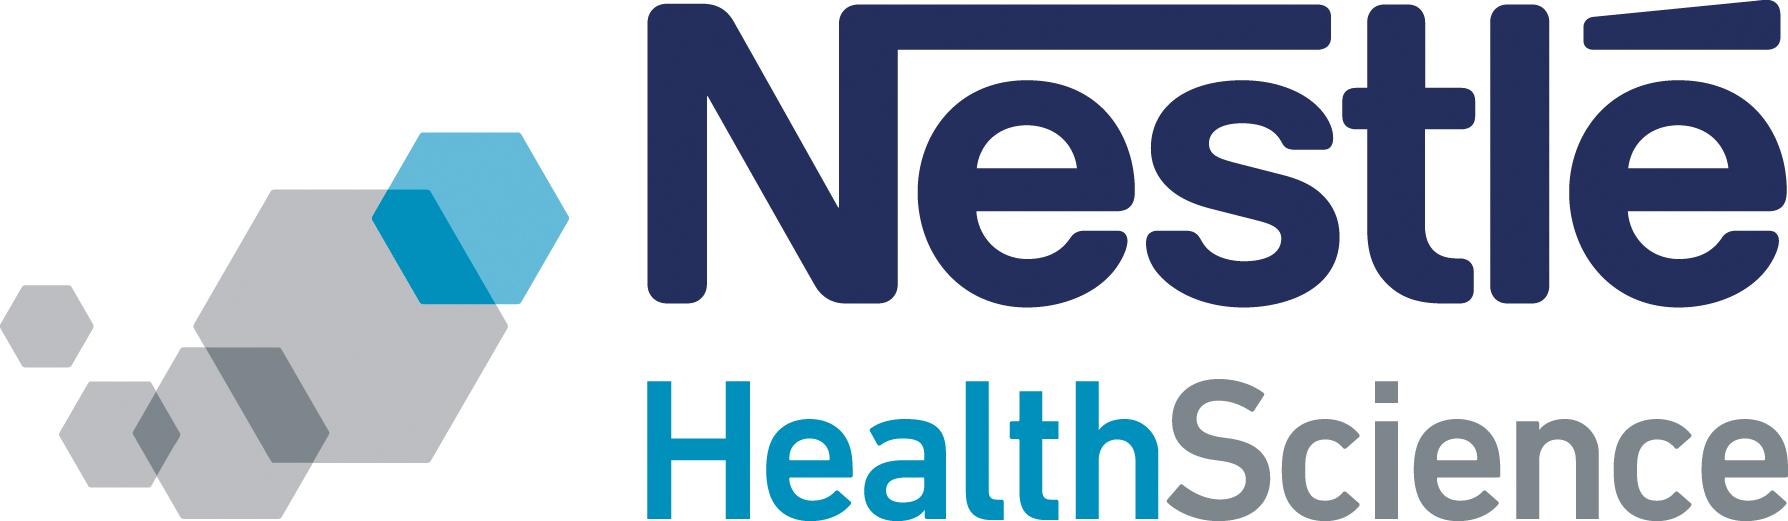 NHSc_logotype_2017.jpg